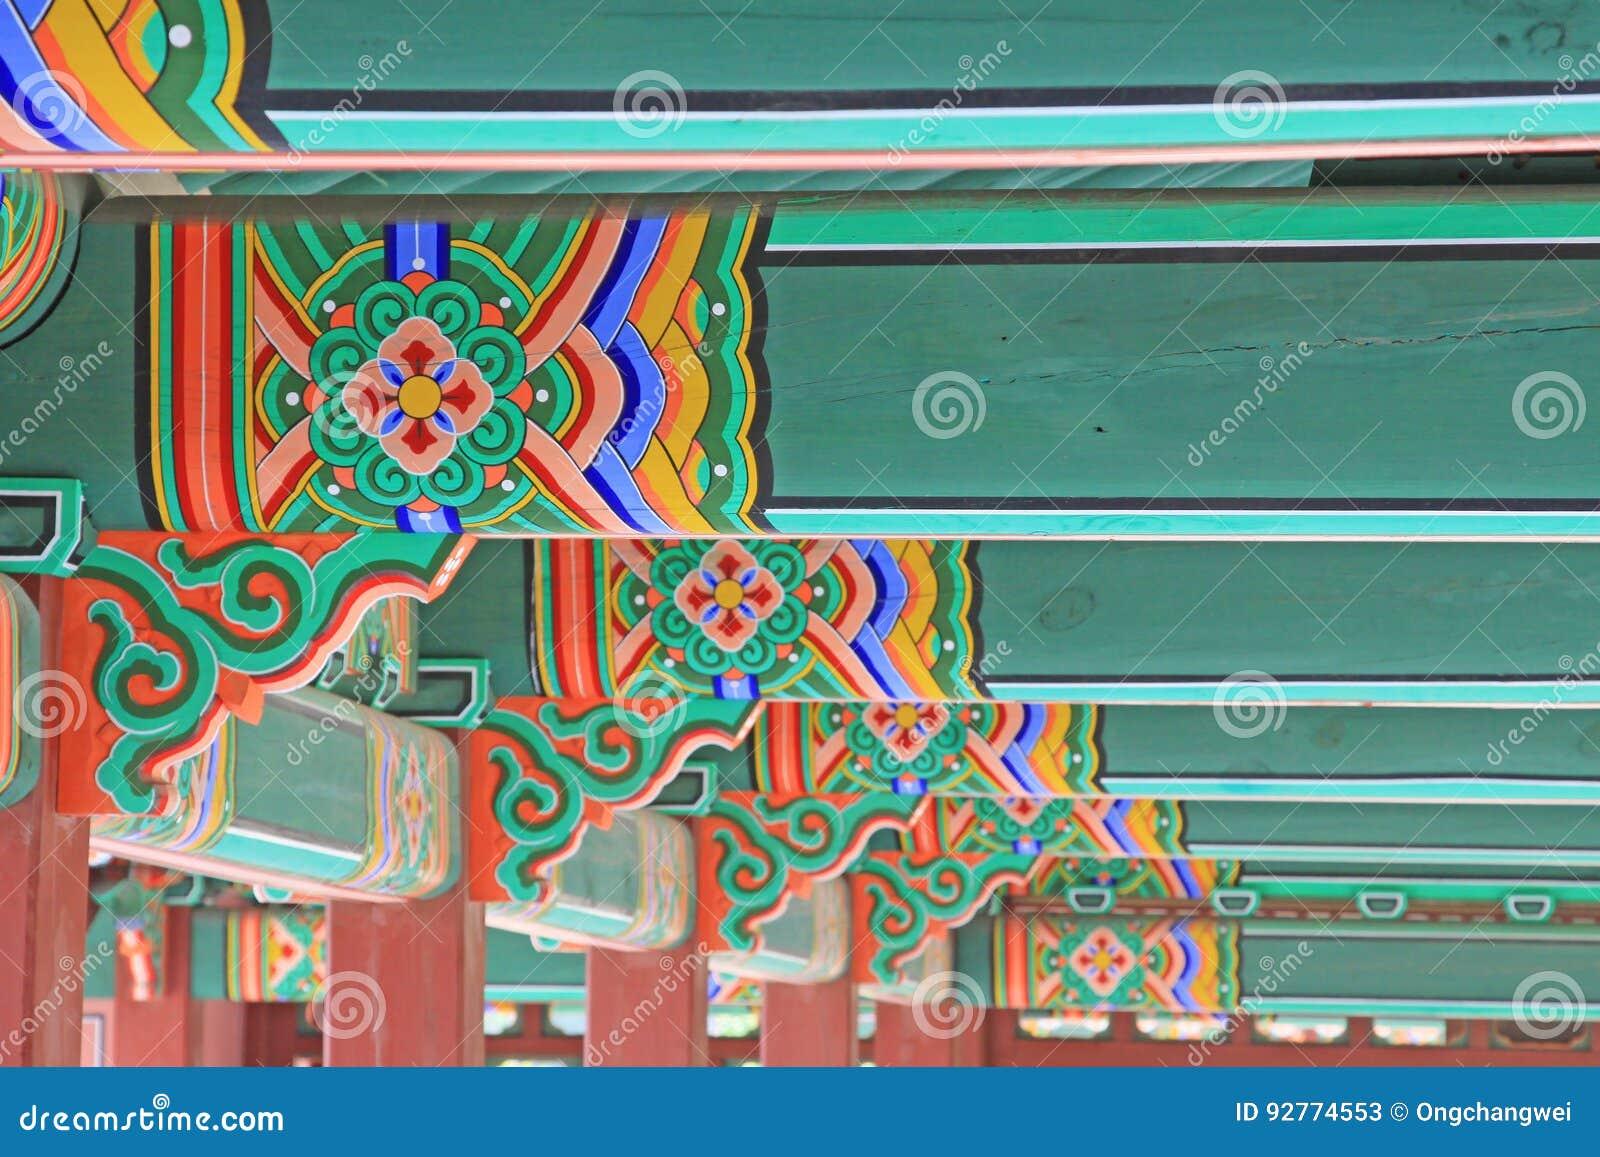 Ξύλινη ζωγραφική ακτίνων στεγών της Κορέας